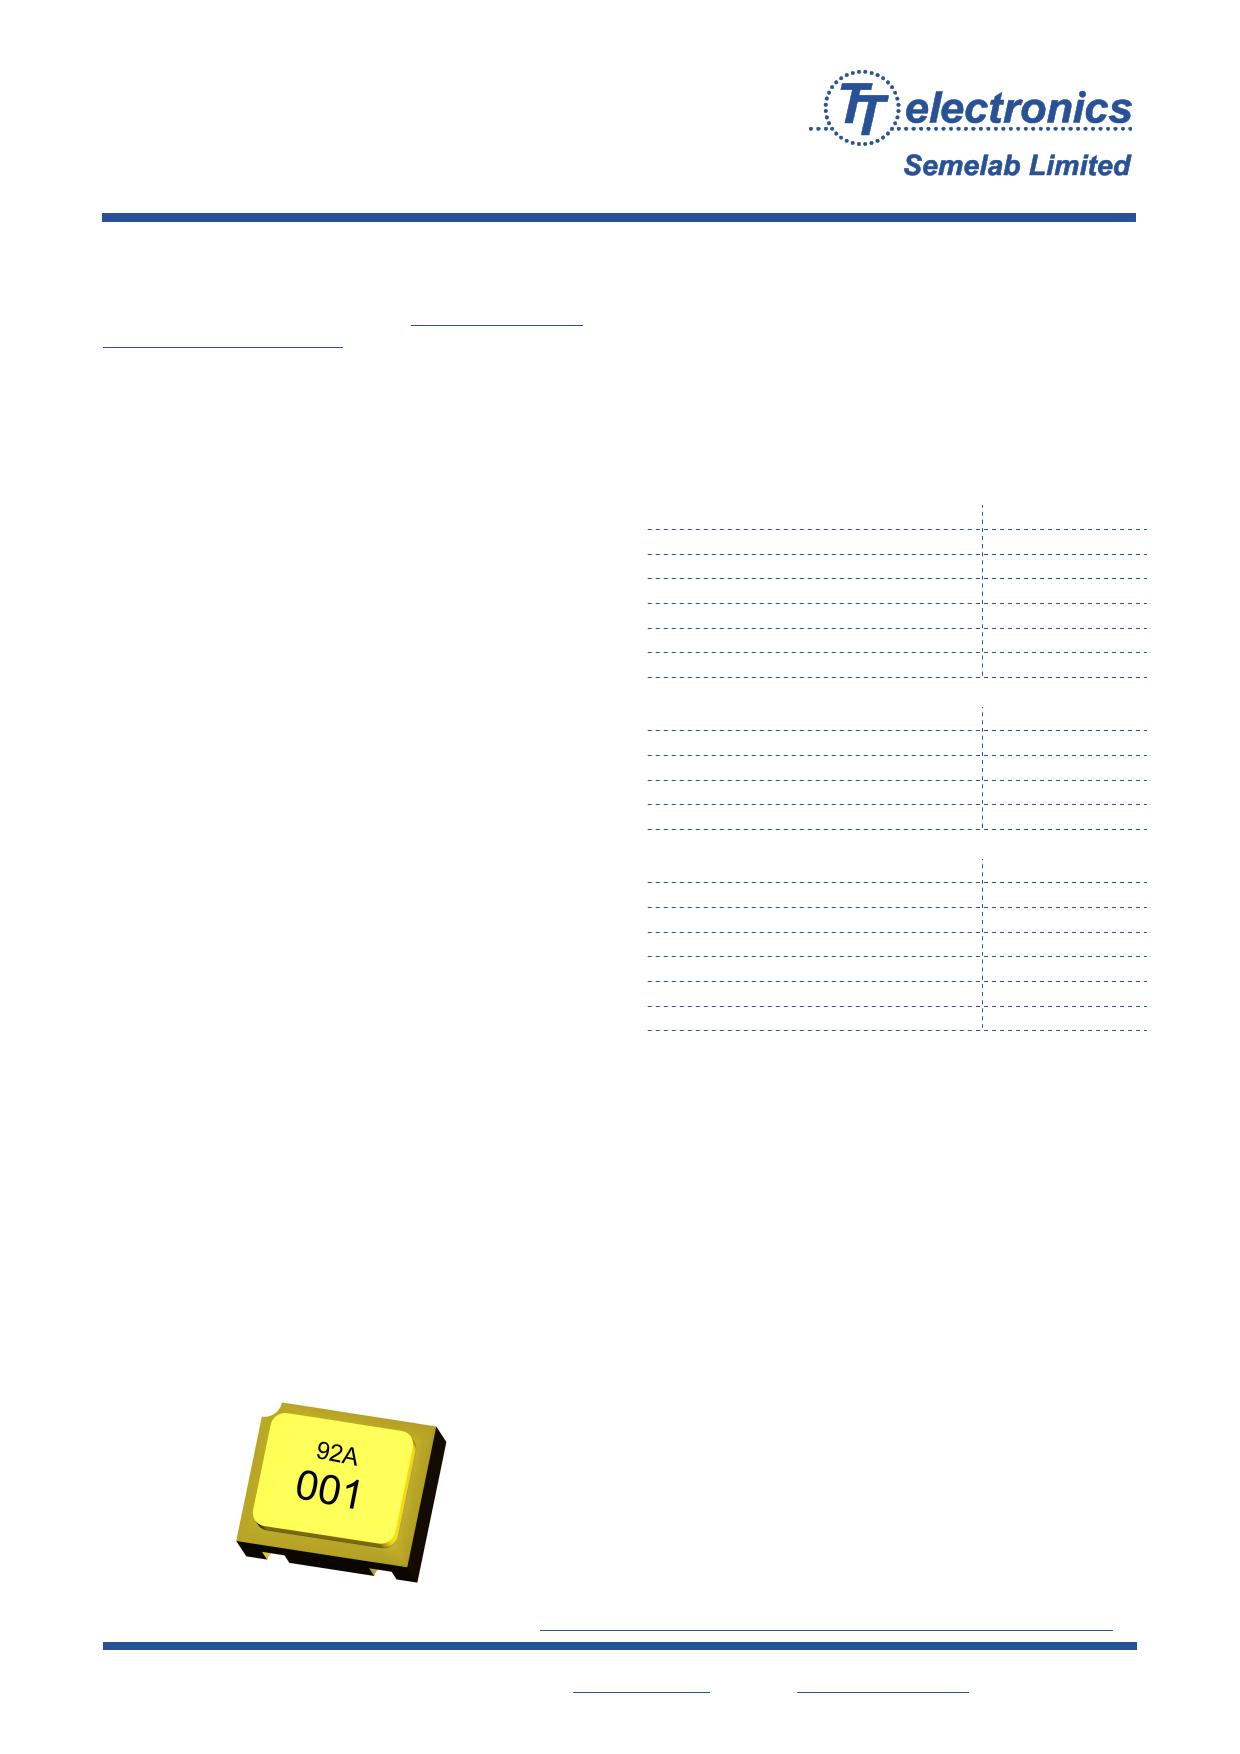 BFR92A pdf, 반도체, 판매, 대치품